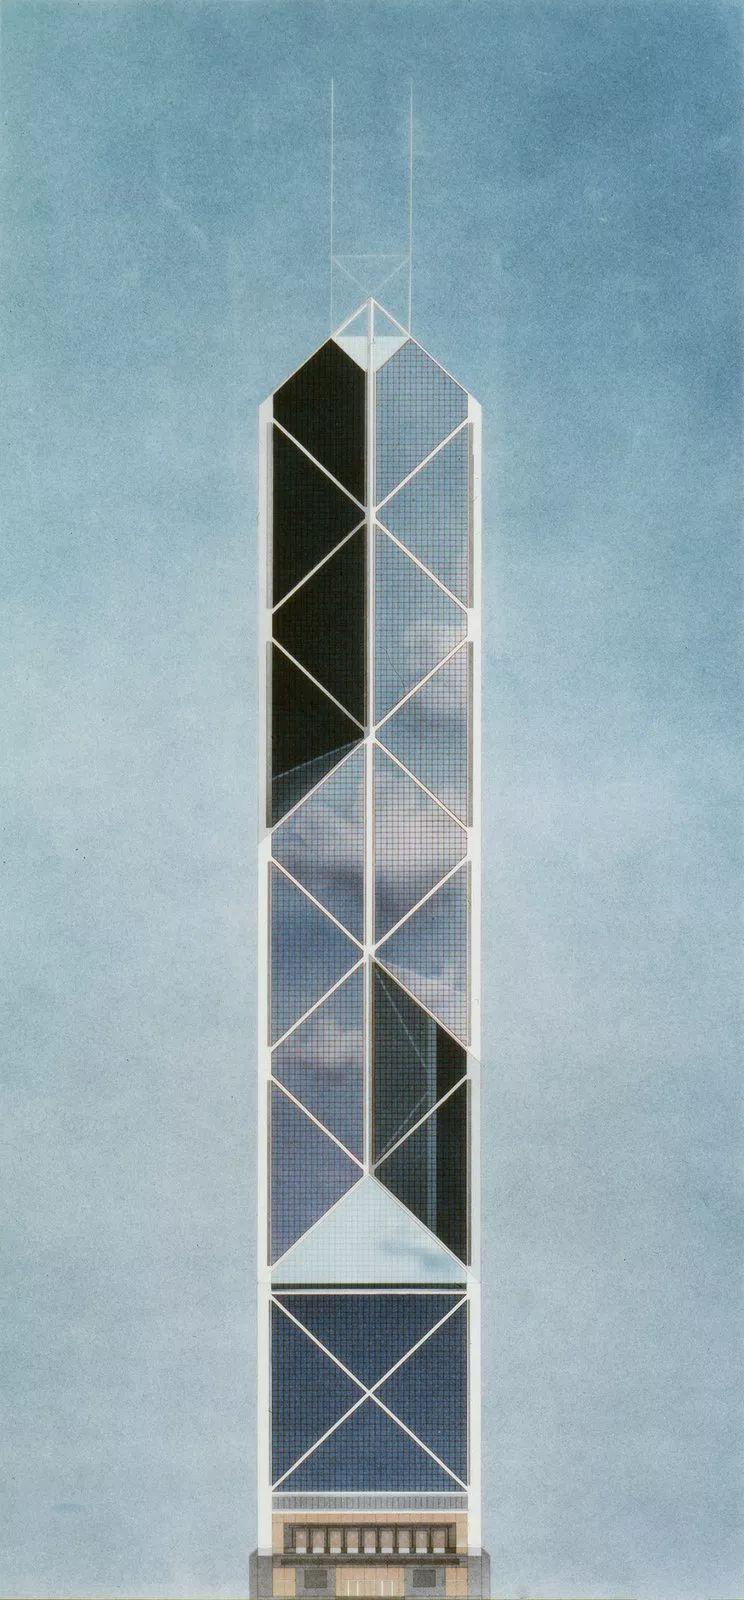 致敬贝聿铭:世界上最会用「三角形」的建筑大师_48